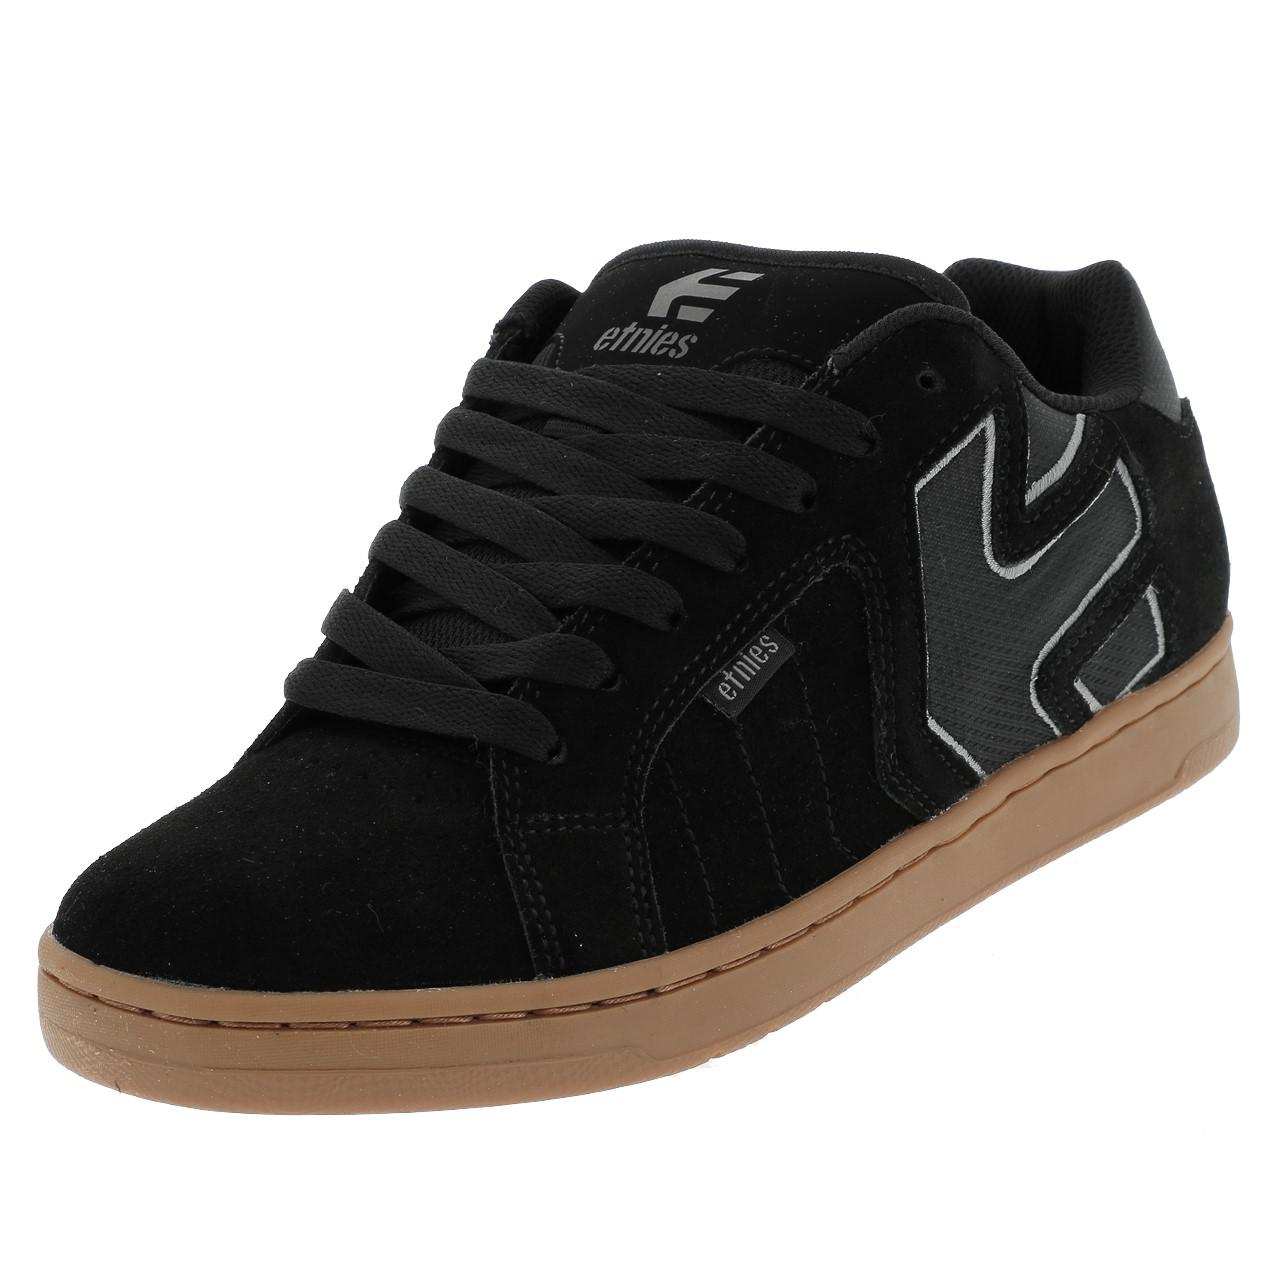 Shoes-Skateboard-Etnies-Fader-Black-Grey-Gum-Black-39127-New